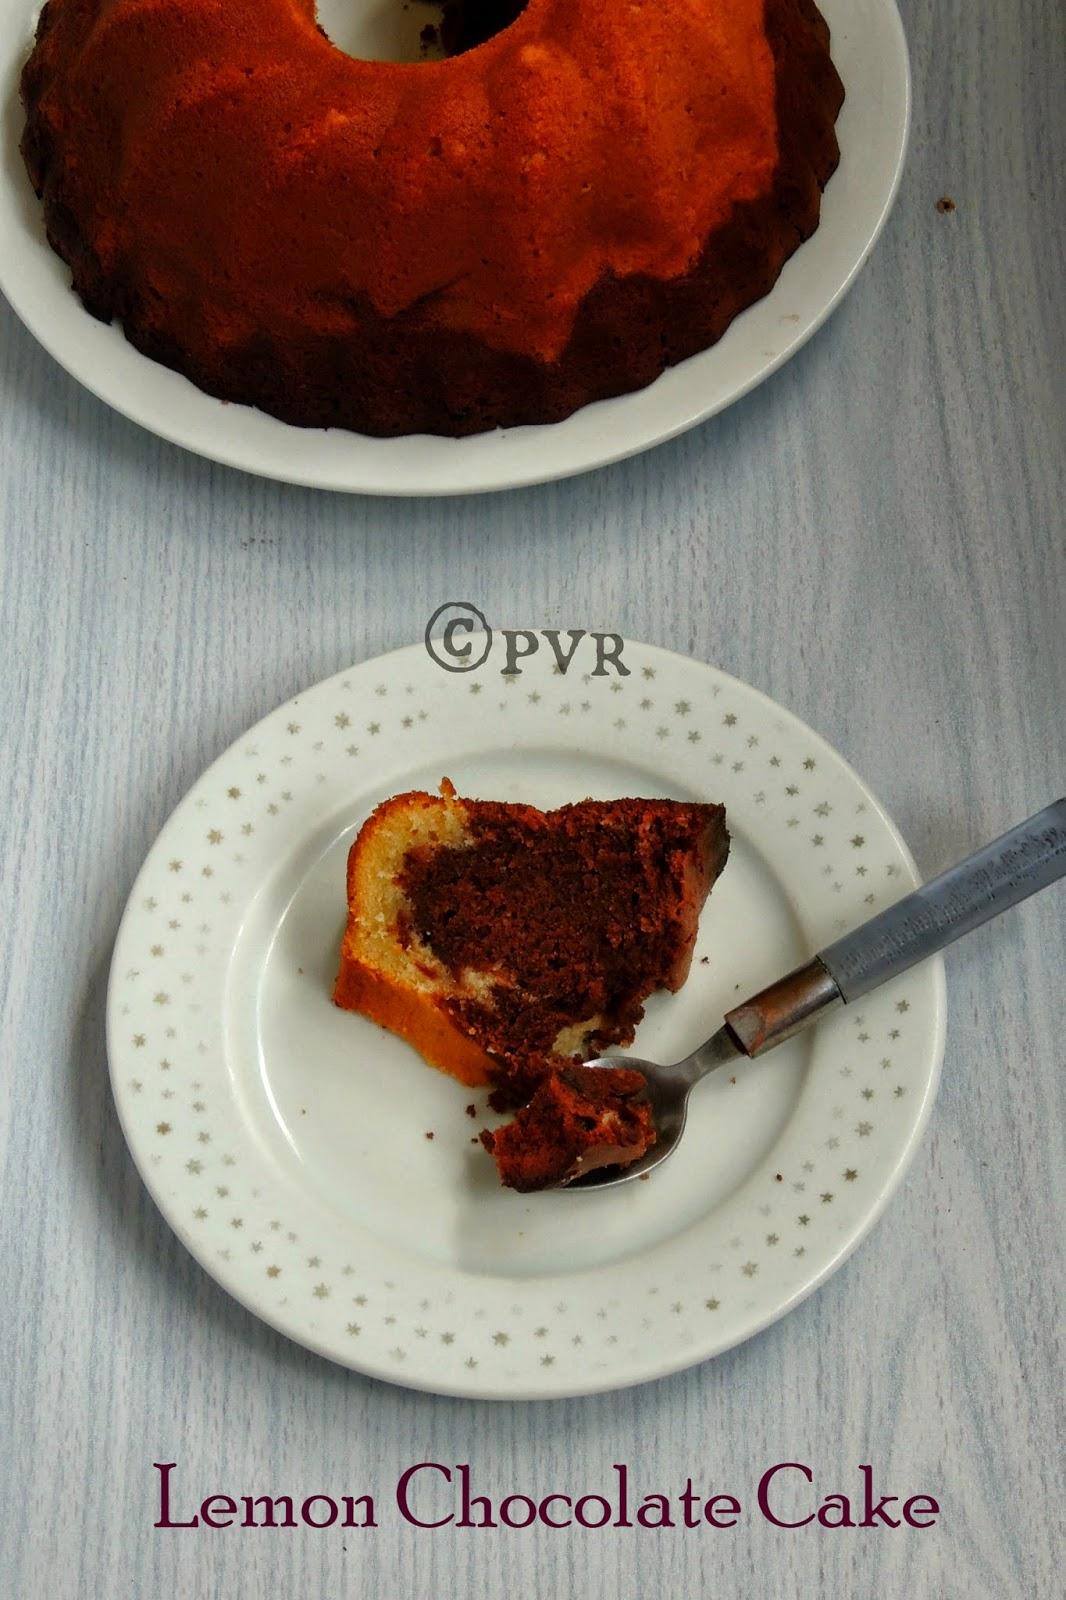 Lemon chocolate cake, double layered cake